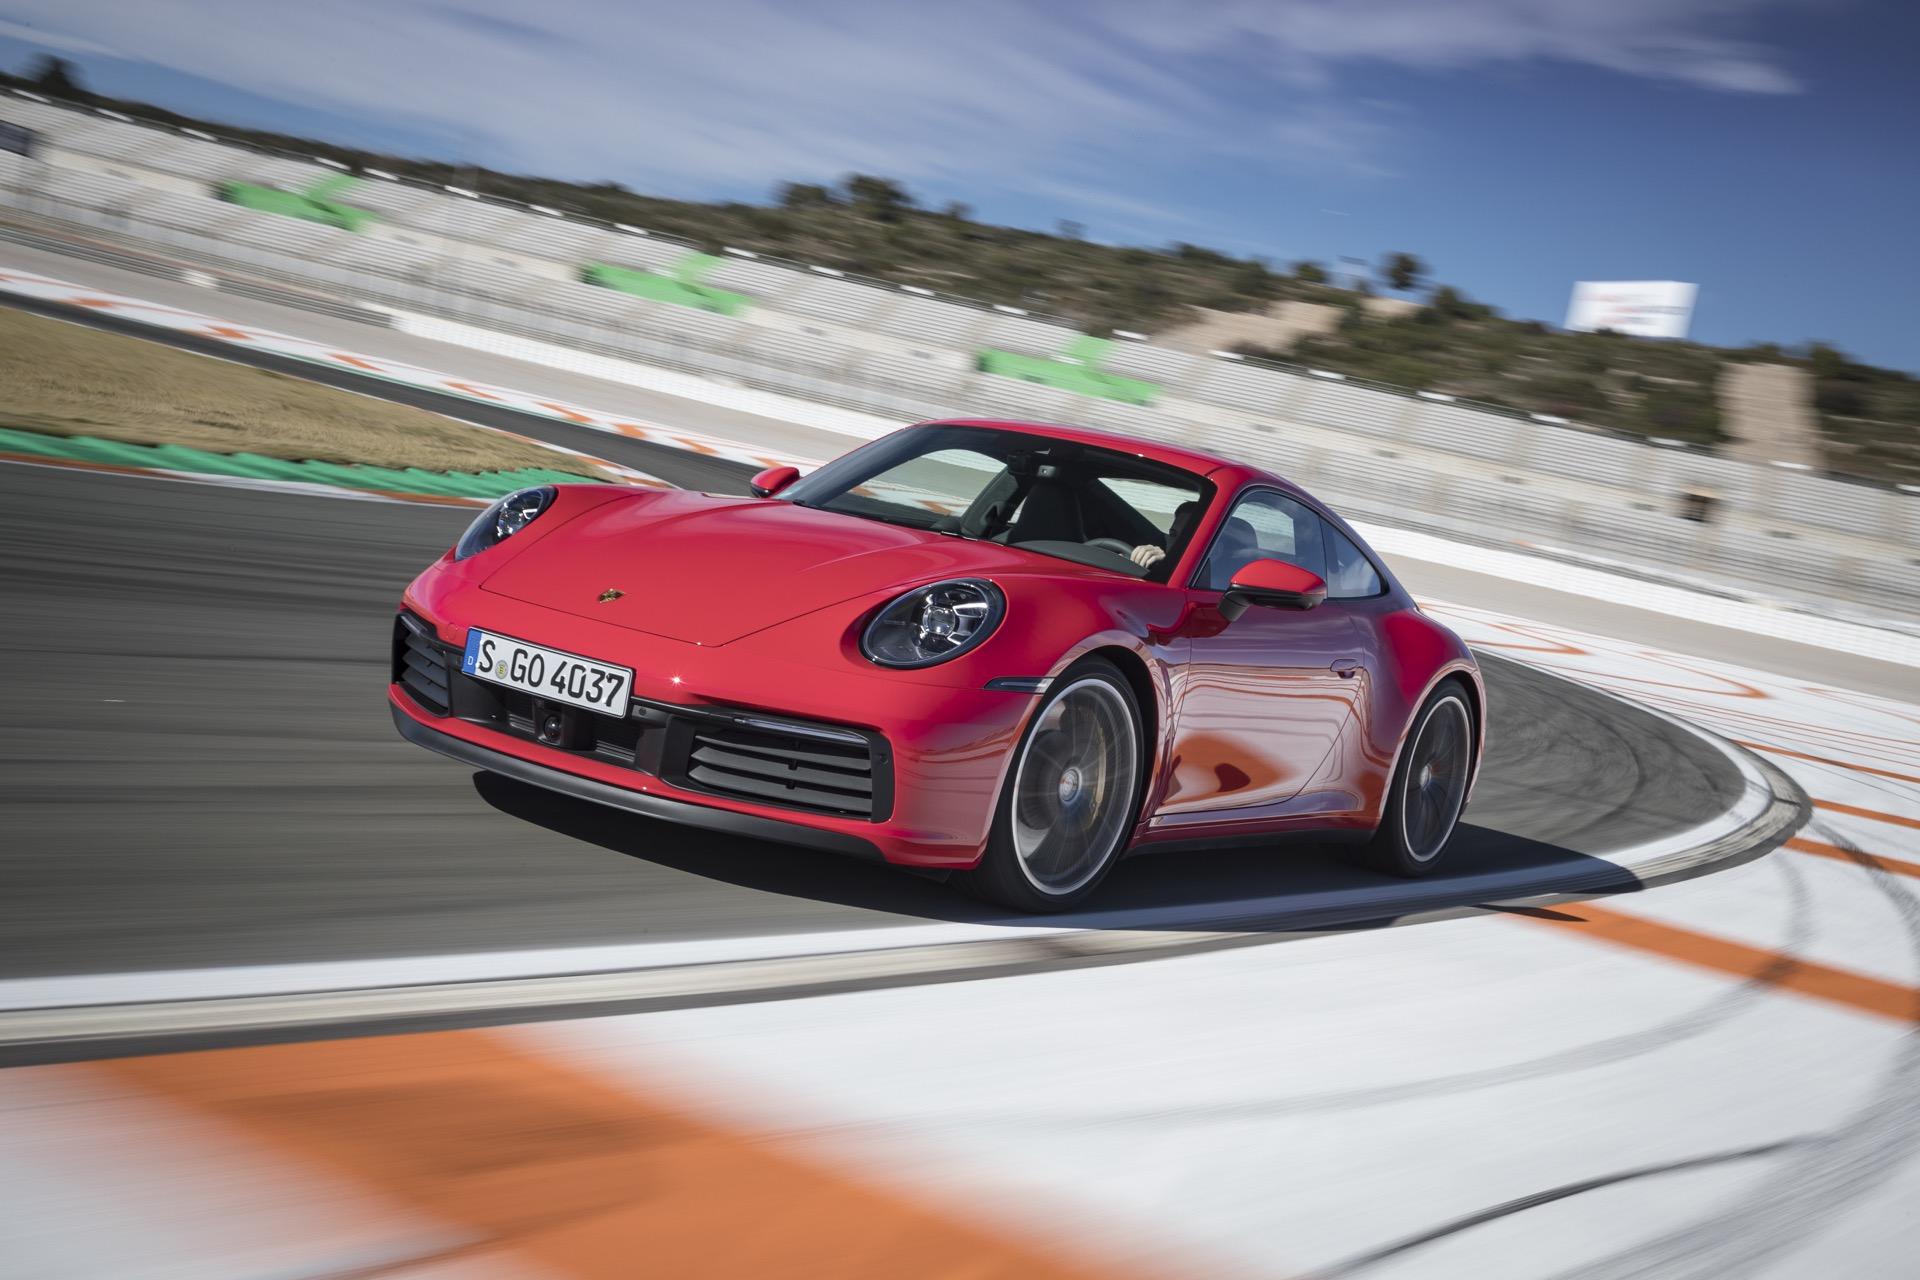 Porsche 911 992 00027